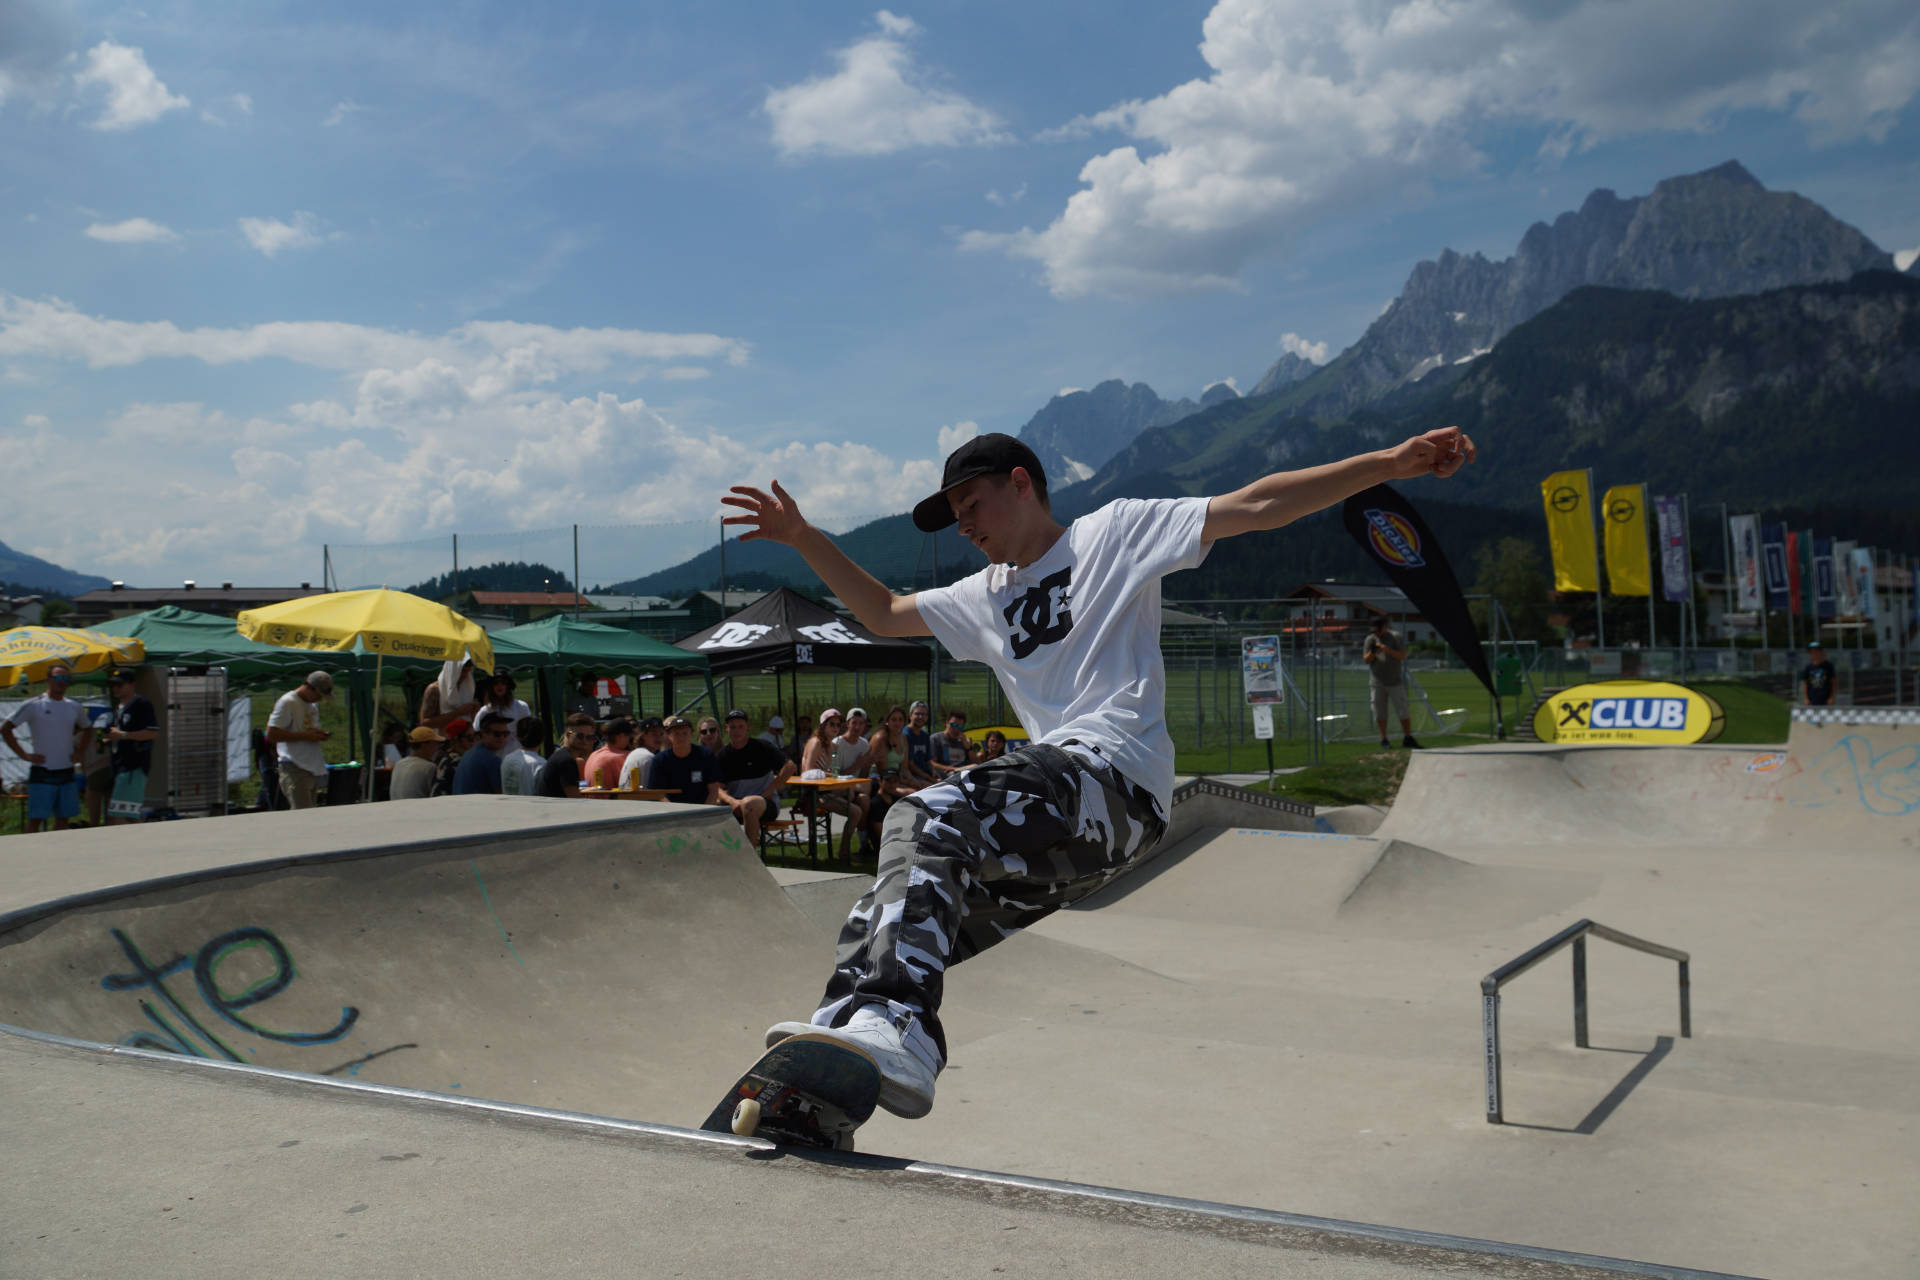 skateboardheadz st johann in tirol kgt 2019 finale 00007